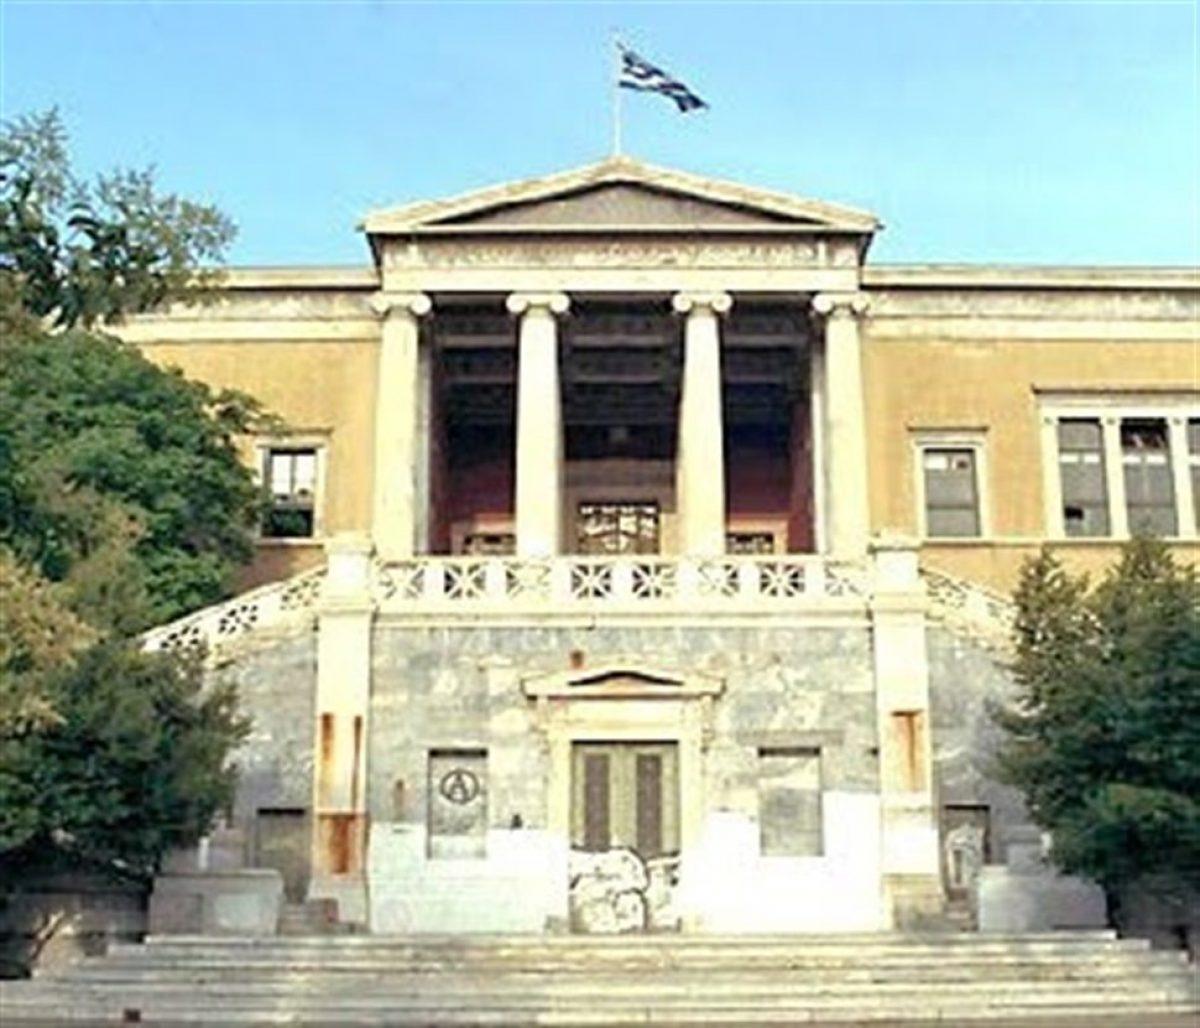 Επιστημονική Ημερίδα με θέμα την «Αρχιτεκτονική Πολιτιστική Κληρονομιά», Παρασκευή 5 Ιουνίου 2015, ώρα 09:00